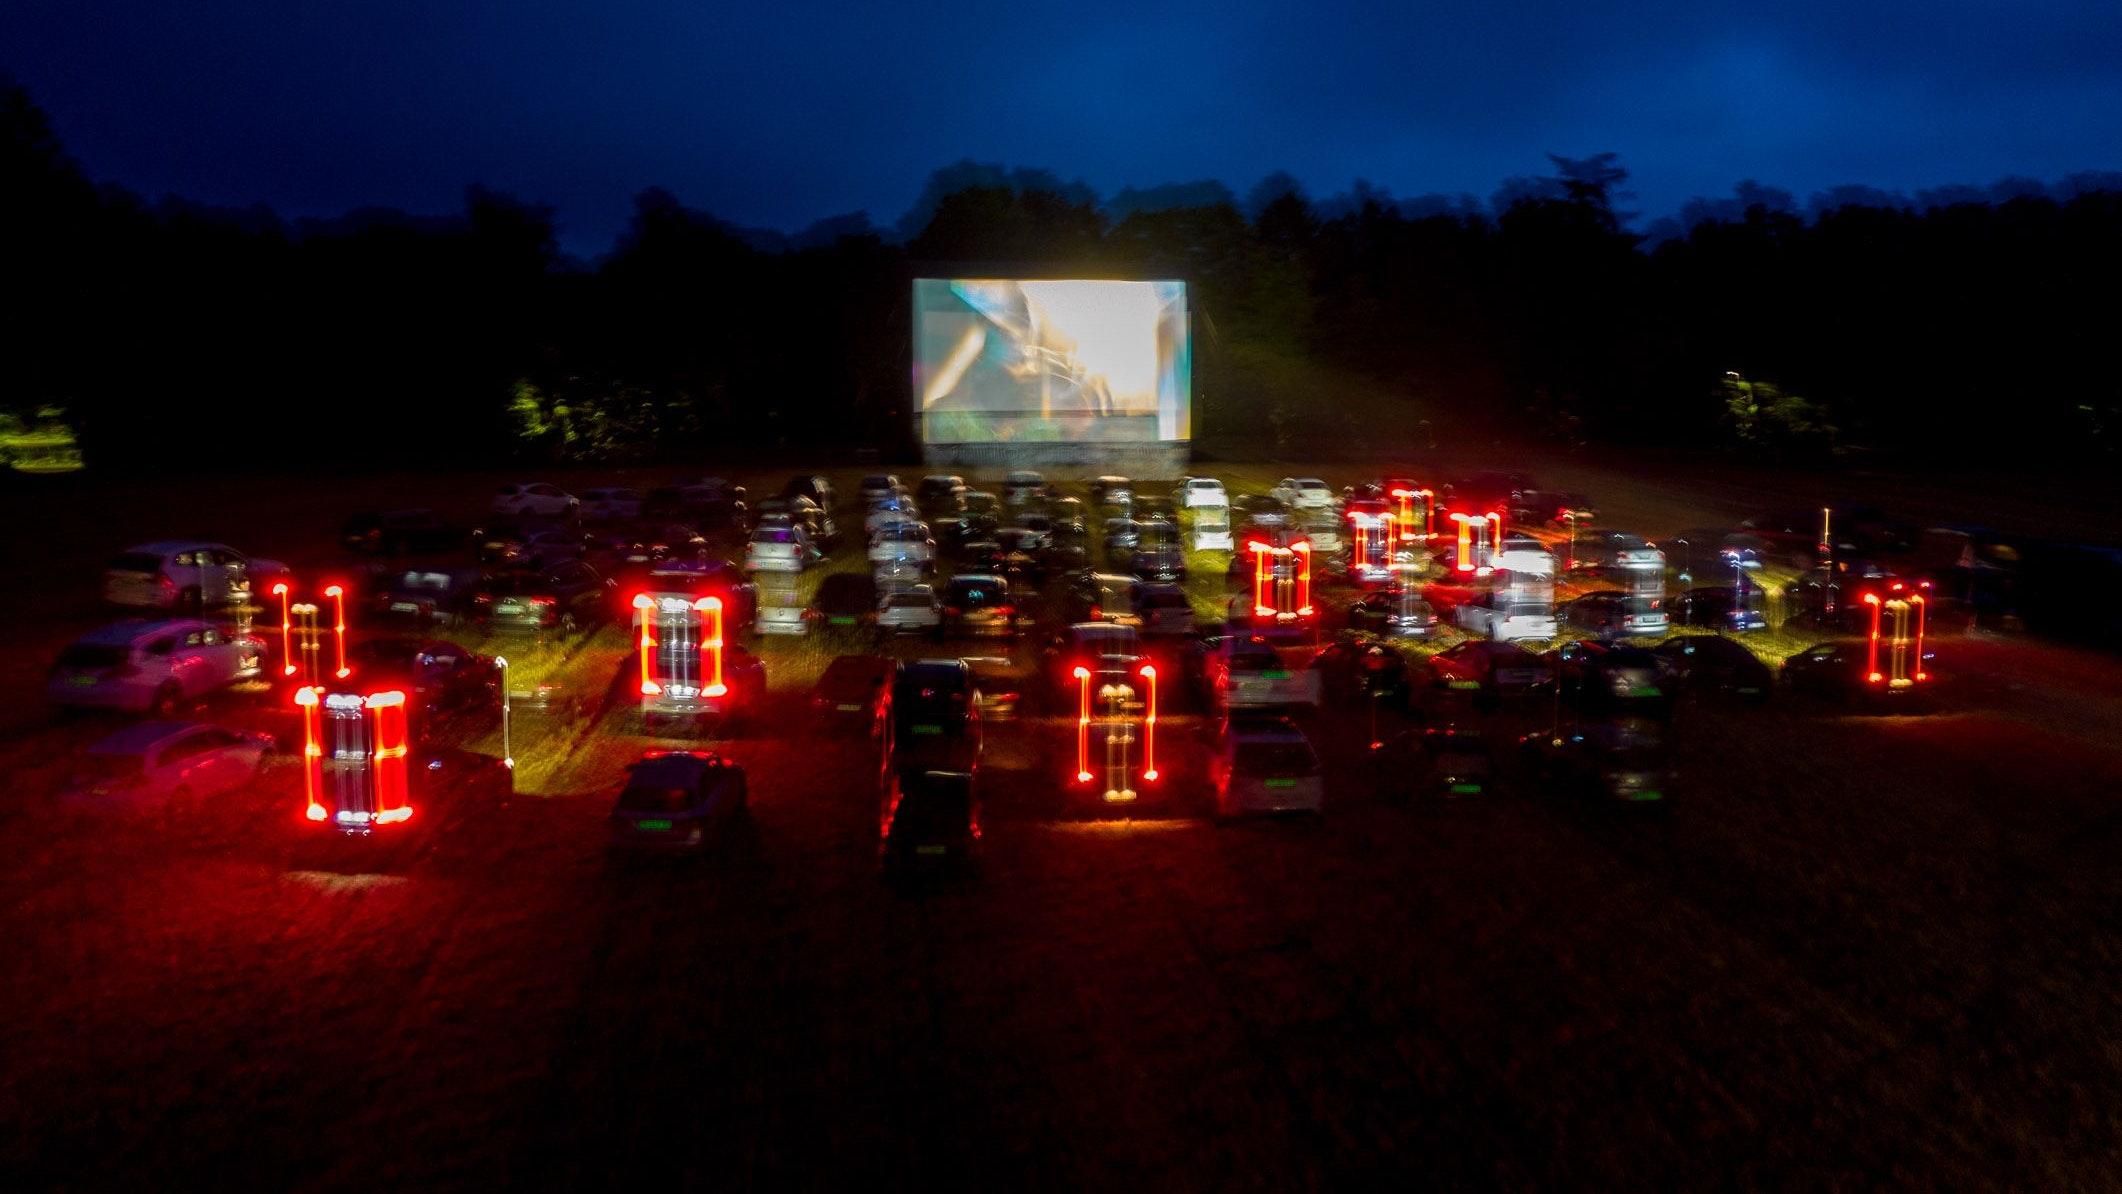 Filmatmosphäre im Abenddunkel: Mehrere 100 Besucher nutzten am Wochenende die Gelegenheit für einen Autokinoabend. Foto: Wenzel